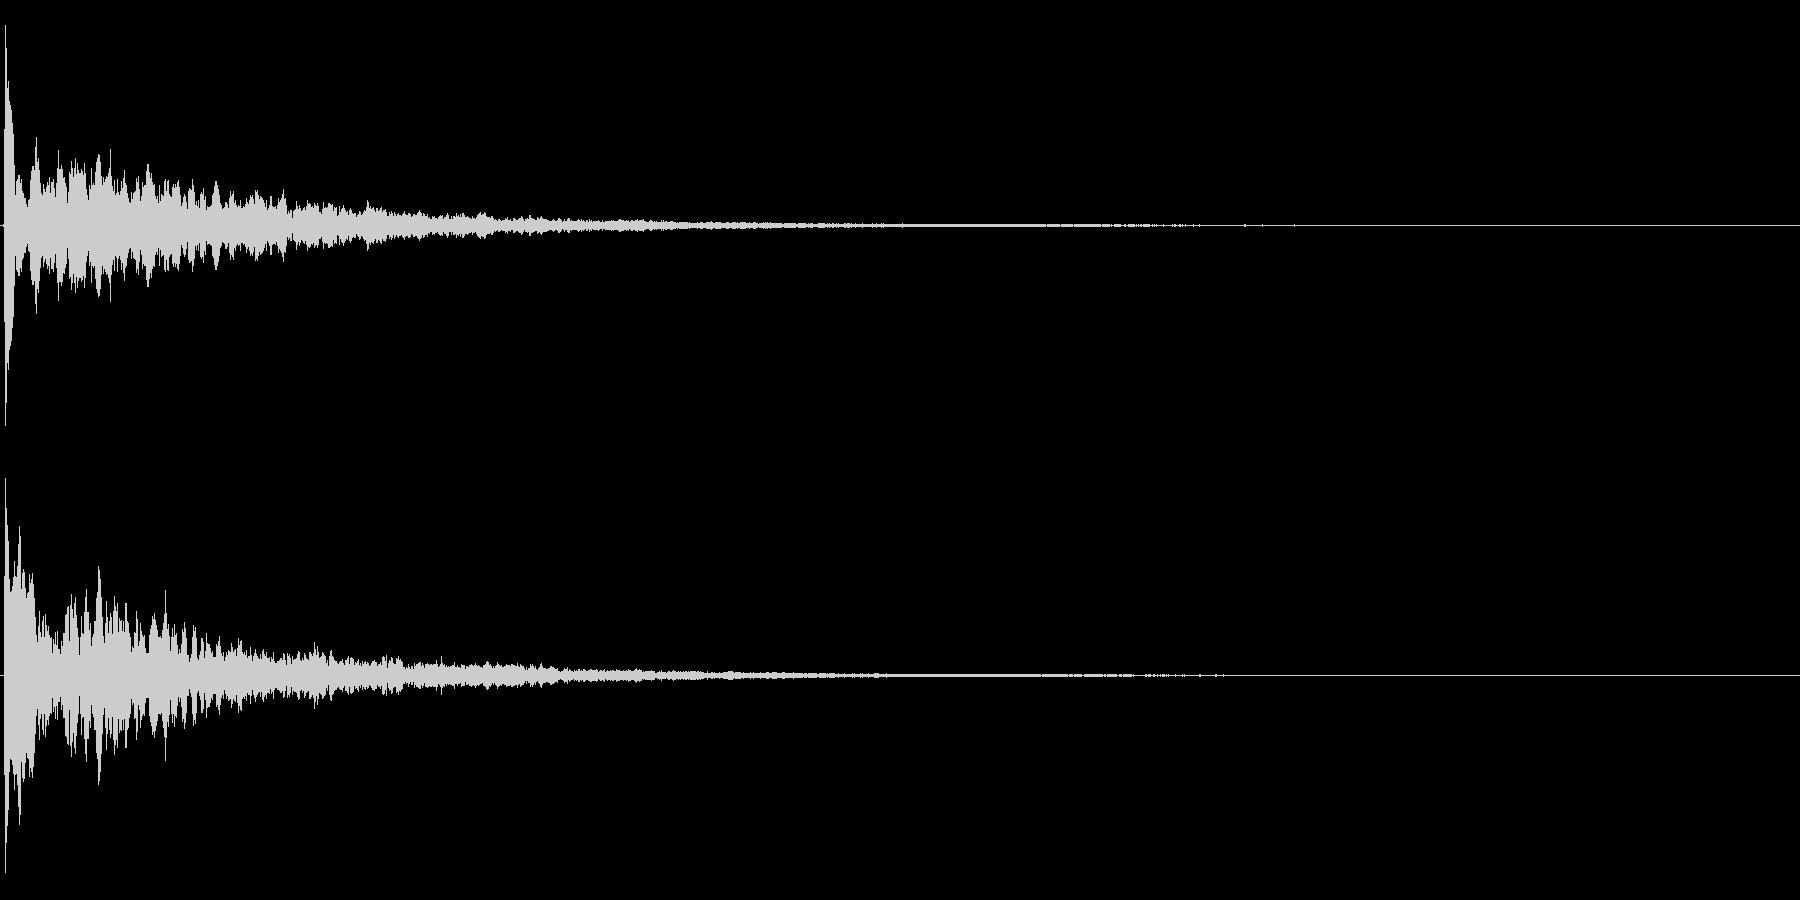 ゲームスタート、決定、ボタン音-135の未再生の波形